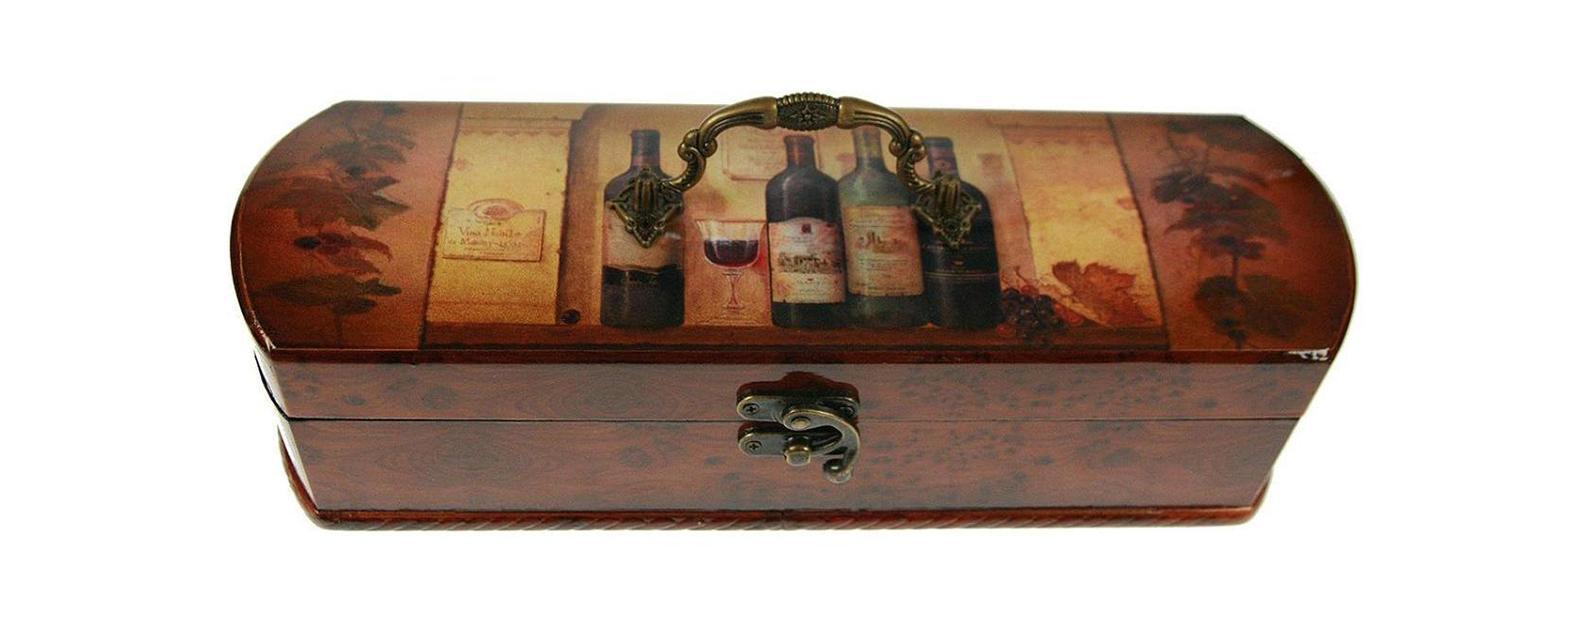 Шкатулка Сундучок под бутылку 36*12*10см 3476234762Шкатулка Русские подарки Сундучок 34762 предназначена для хранения бутылок с вином. Она не оставит равнодушным ни одного любителя оригинальных вещей. Данная модель надежно закрывается на металлический замок. Сочетание оригинального дизайна и функциональности делает такую вещь практичным, стильным подарком и предметом гордости ее обладателя. Материал: MDF, бумага, эл. металла; цвет: коричневый